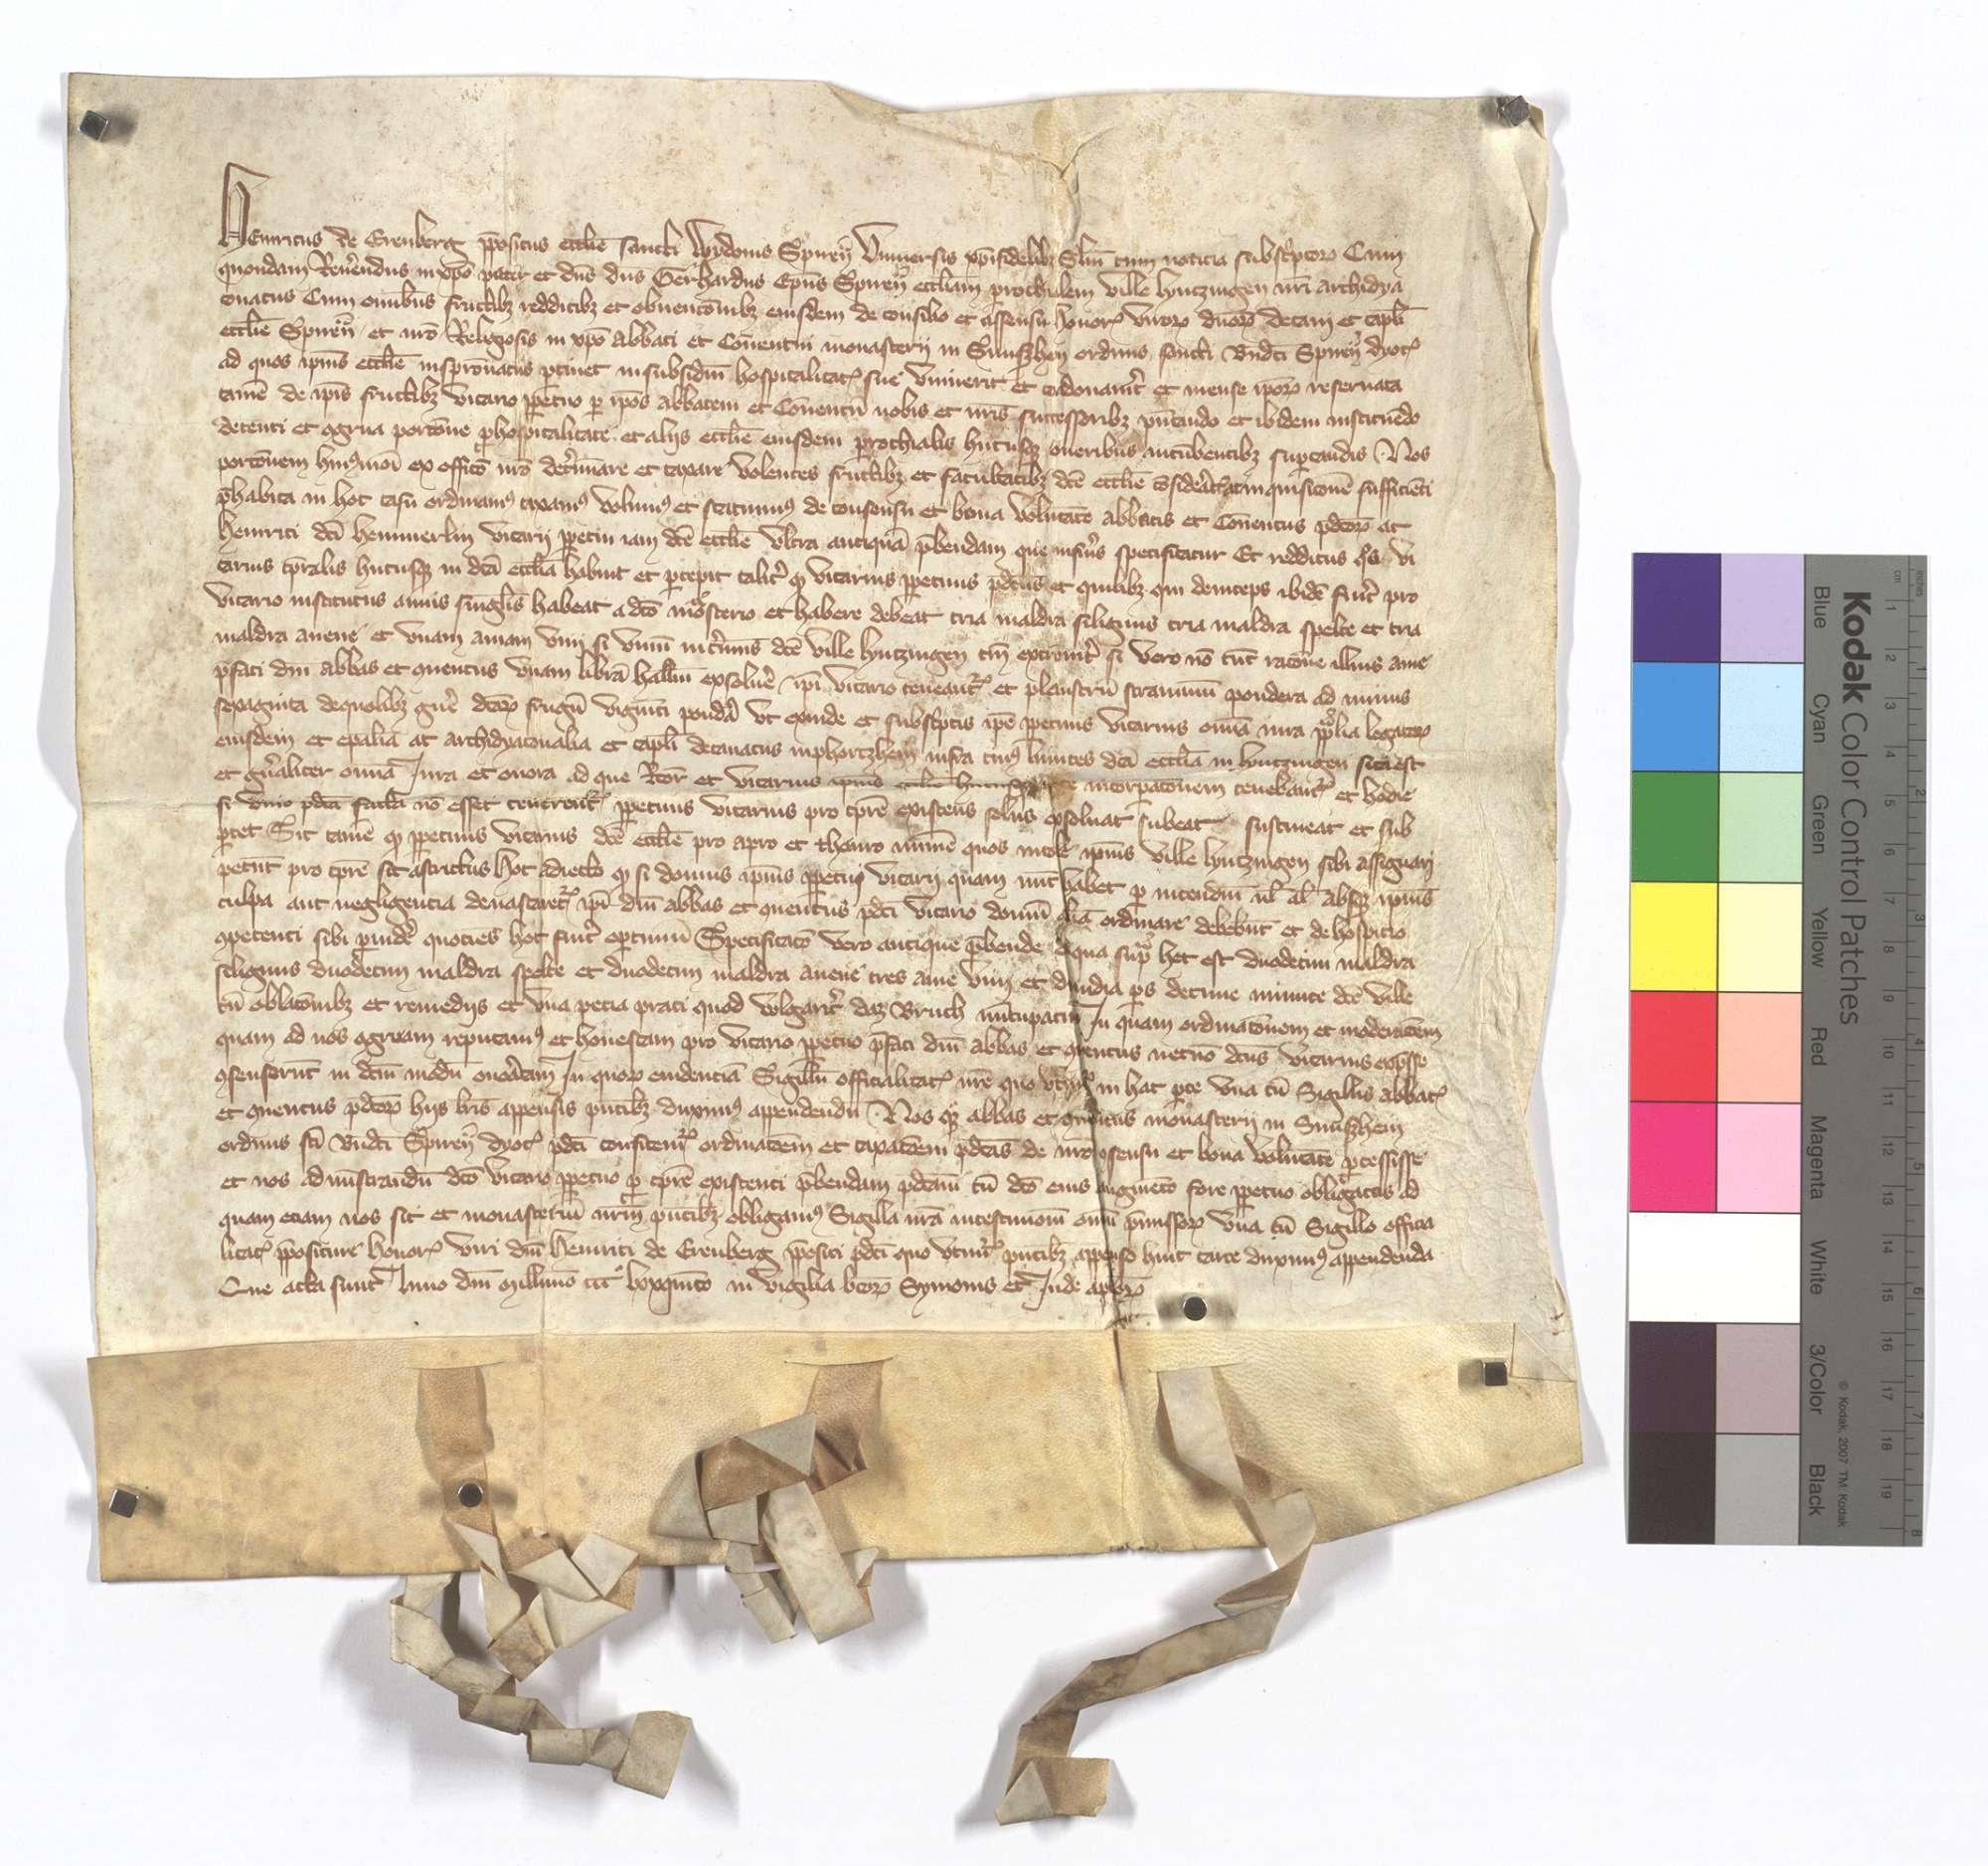 Pfarrkompetenz von Lienzingen (Lientzingen), wie solche von dem Propst von St. Guido in Speyer verordnet worden ist., Text